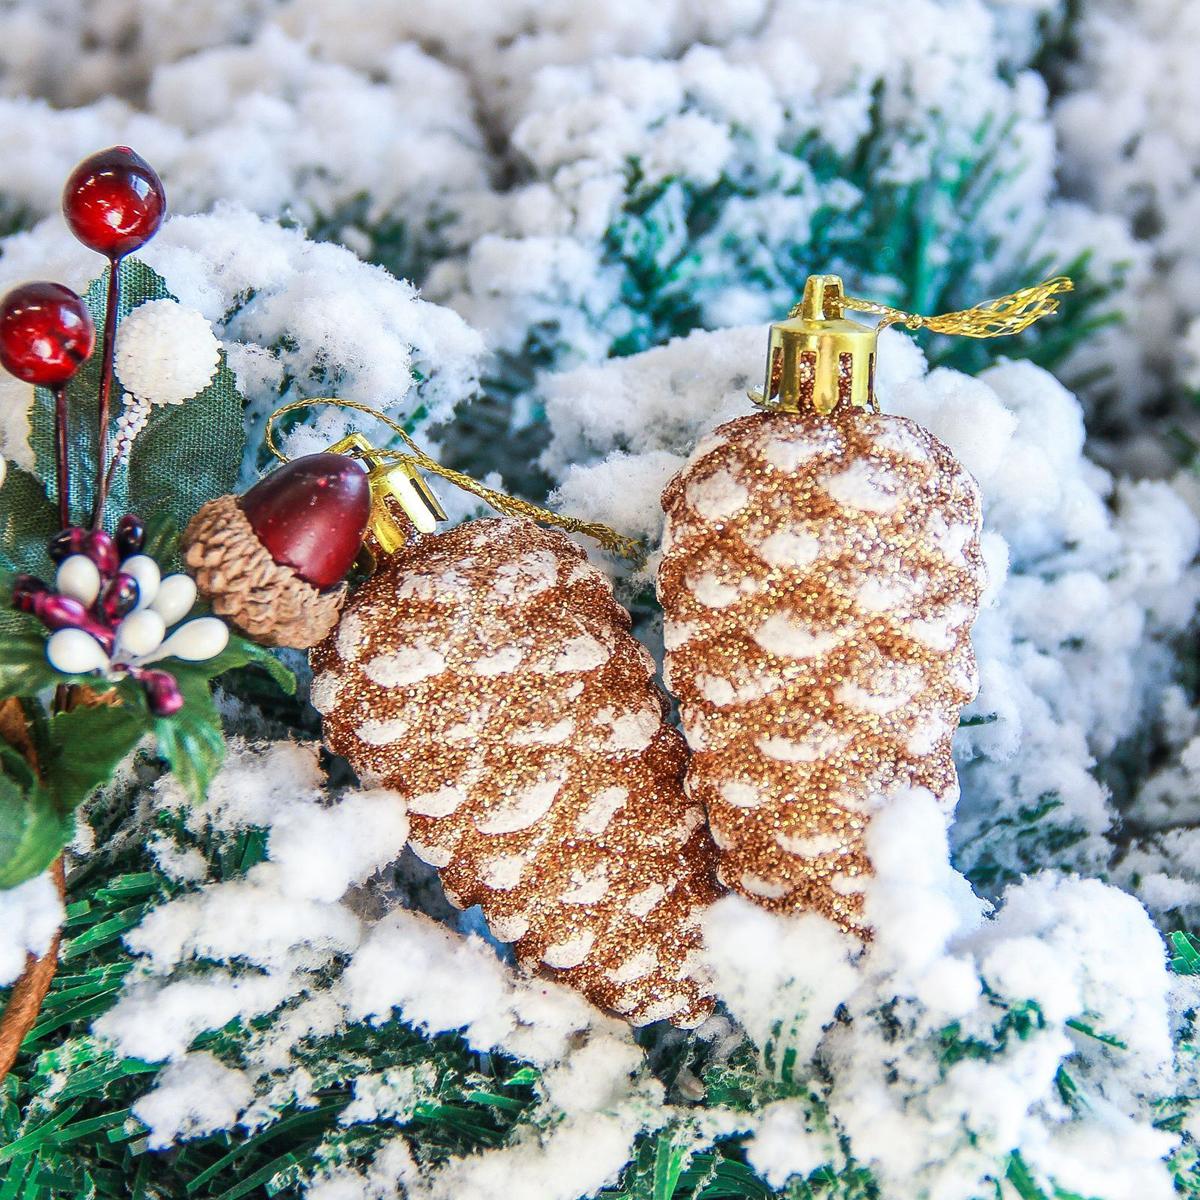 Украшение новогоднее елочное Sima-land Шишка. Белая крапинка, 3 х 5,5 см, 6 шт2377848Невозможно представить нашу жизнь без праздников! Мы всегда ждём их и предвкушаем, обдумываем, как проведём памятный день, тщательно выбираем подарки и аксессуары, ведь именно они создают и поддерживают торжественный настрой.